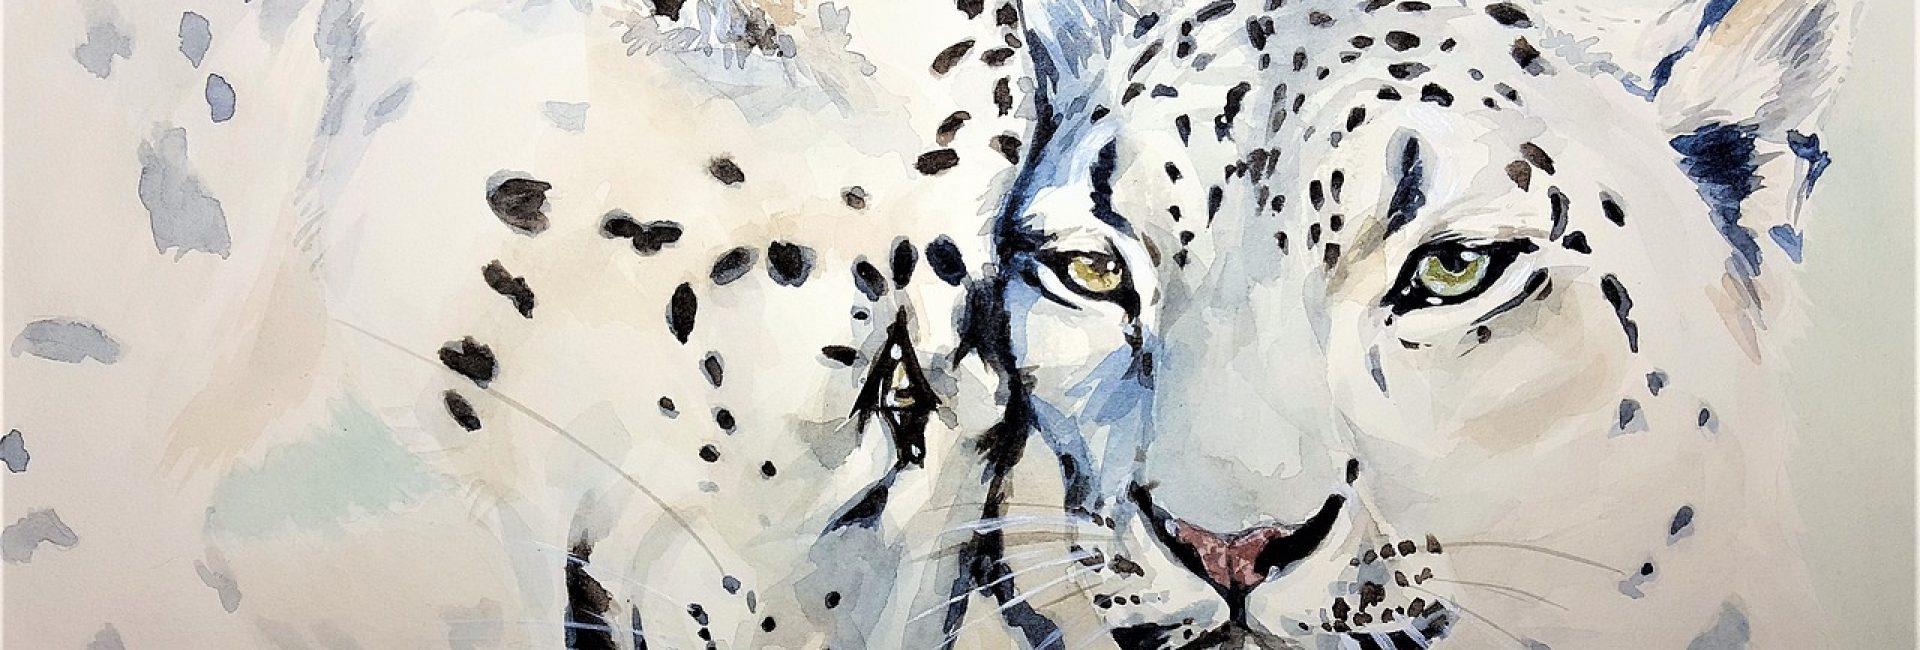 Artist Animal Advocacy O4icbr553wuemmibpxvcoswftn1ro4qutn0zrh5c2s